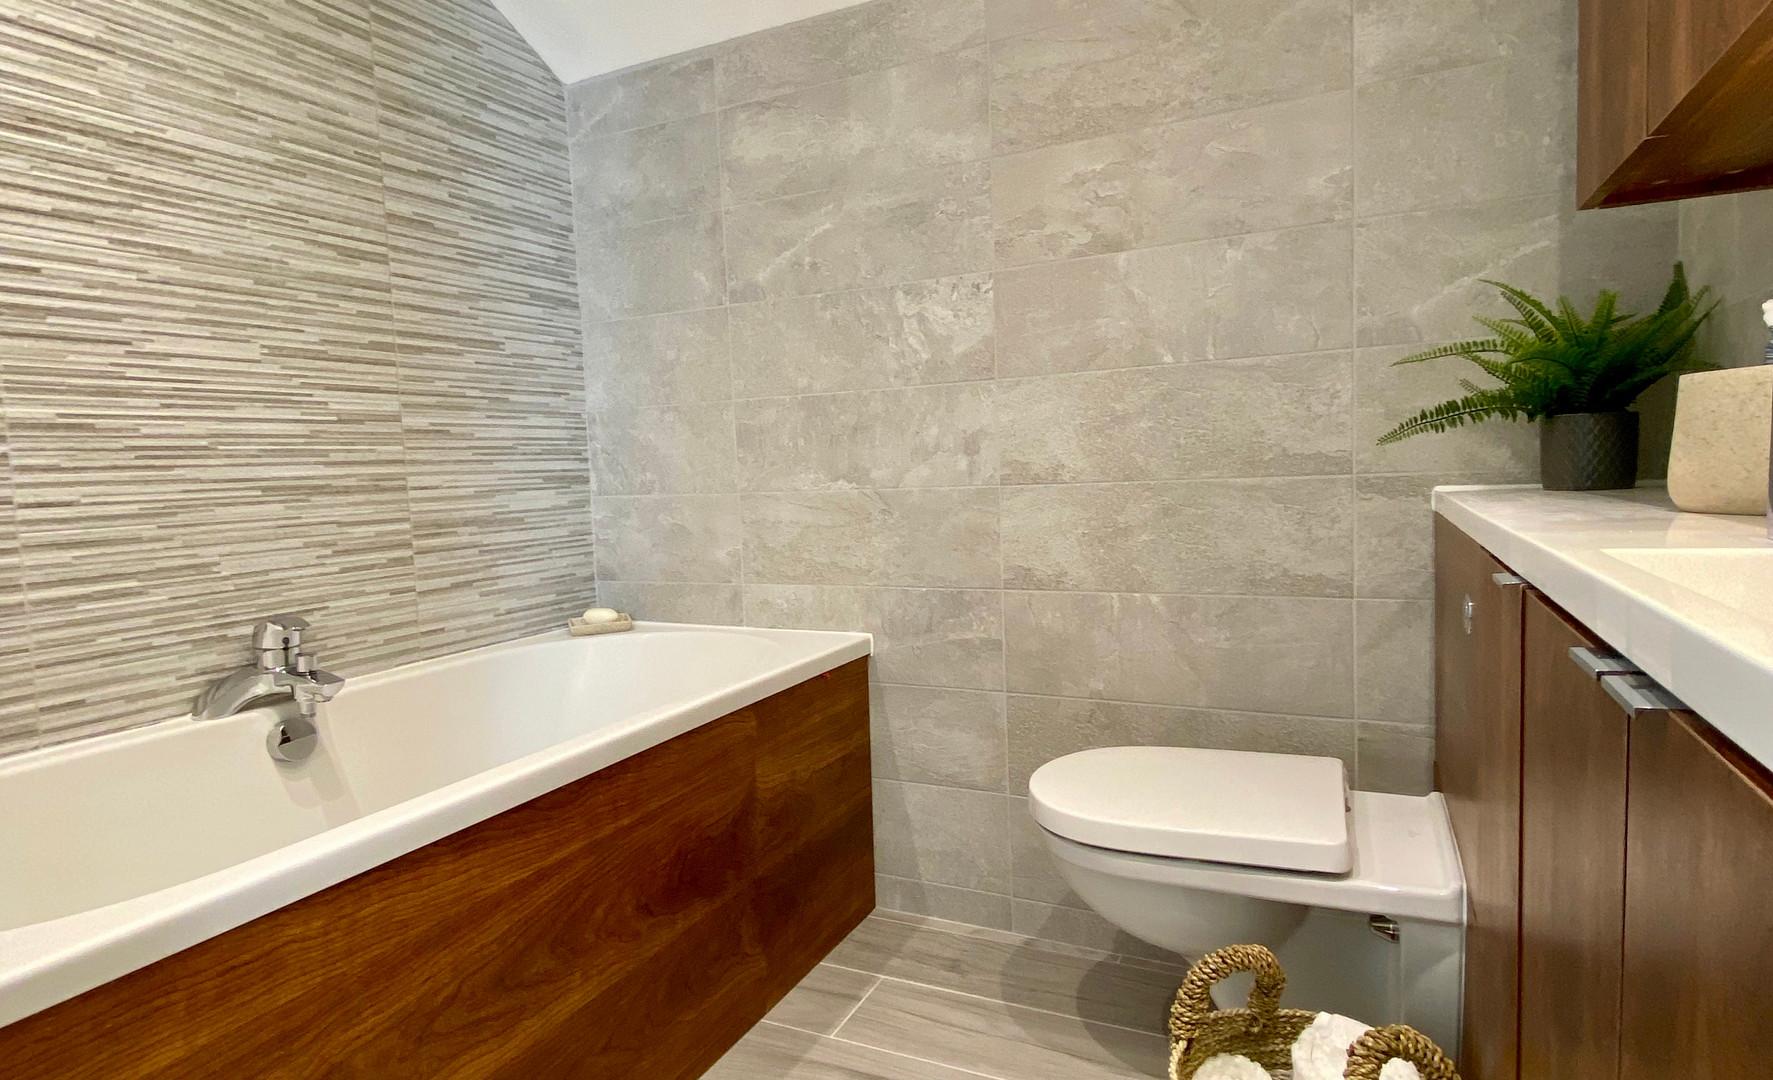 Typical Apartment Interior - Bathroom